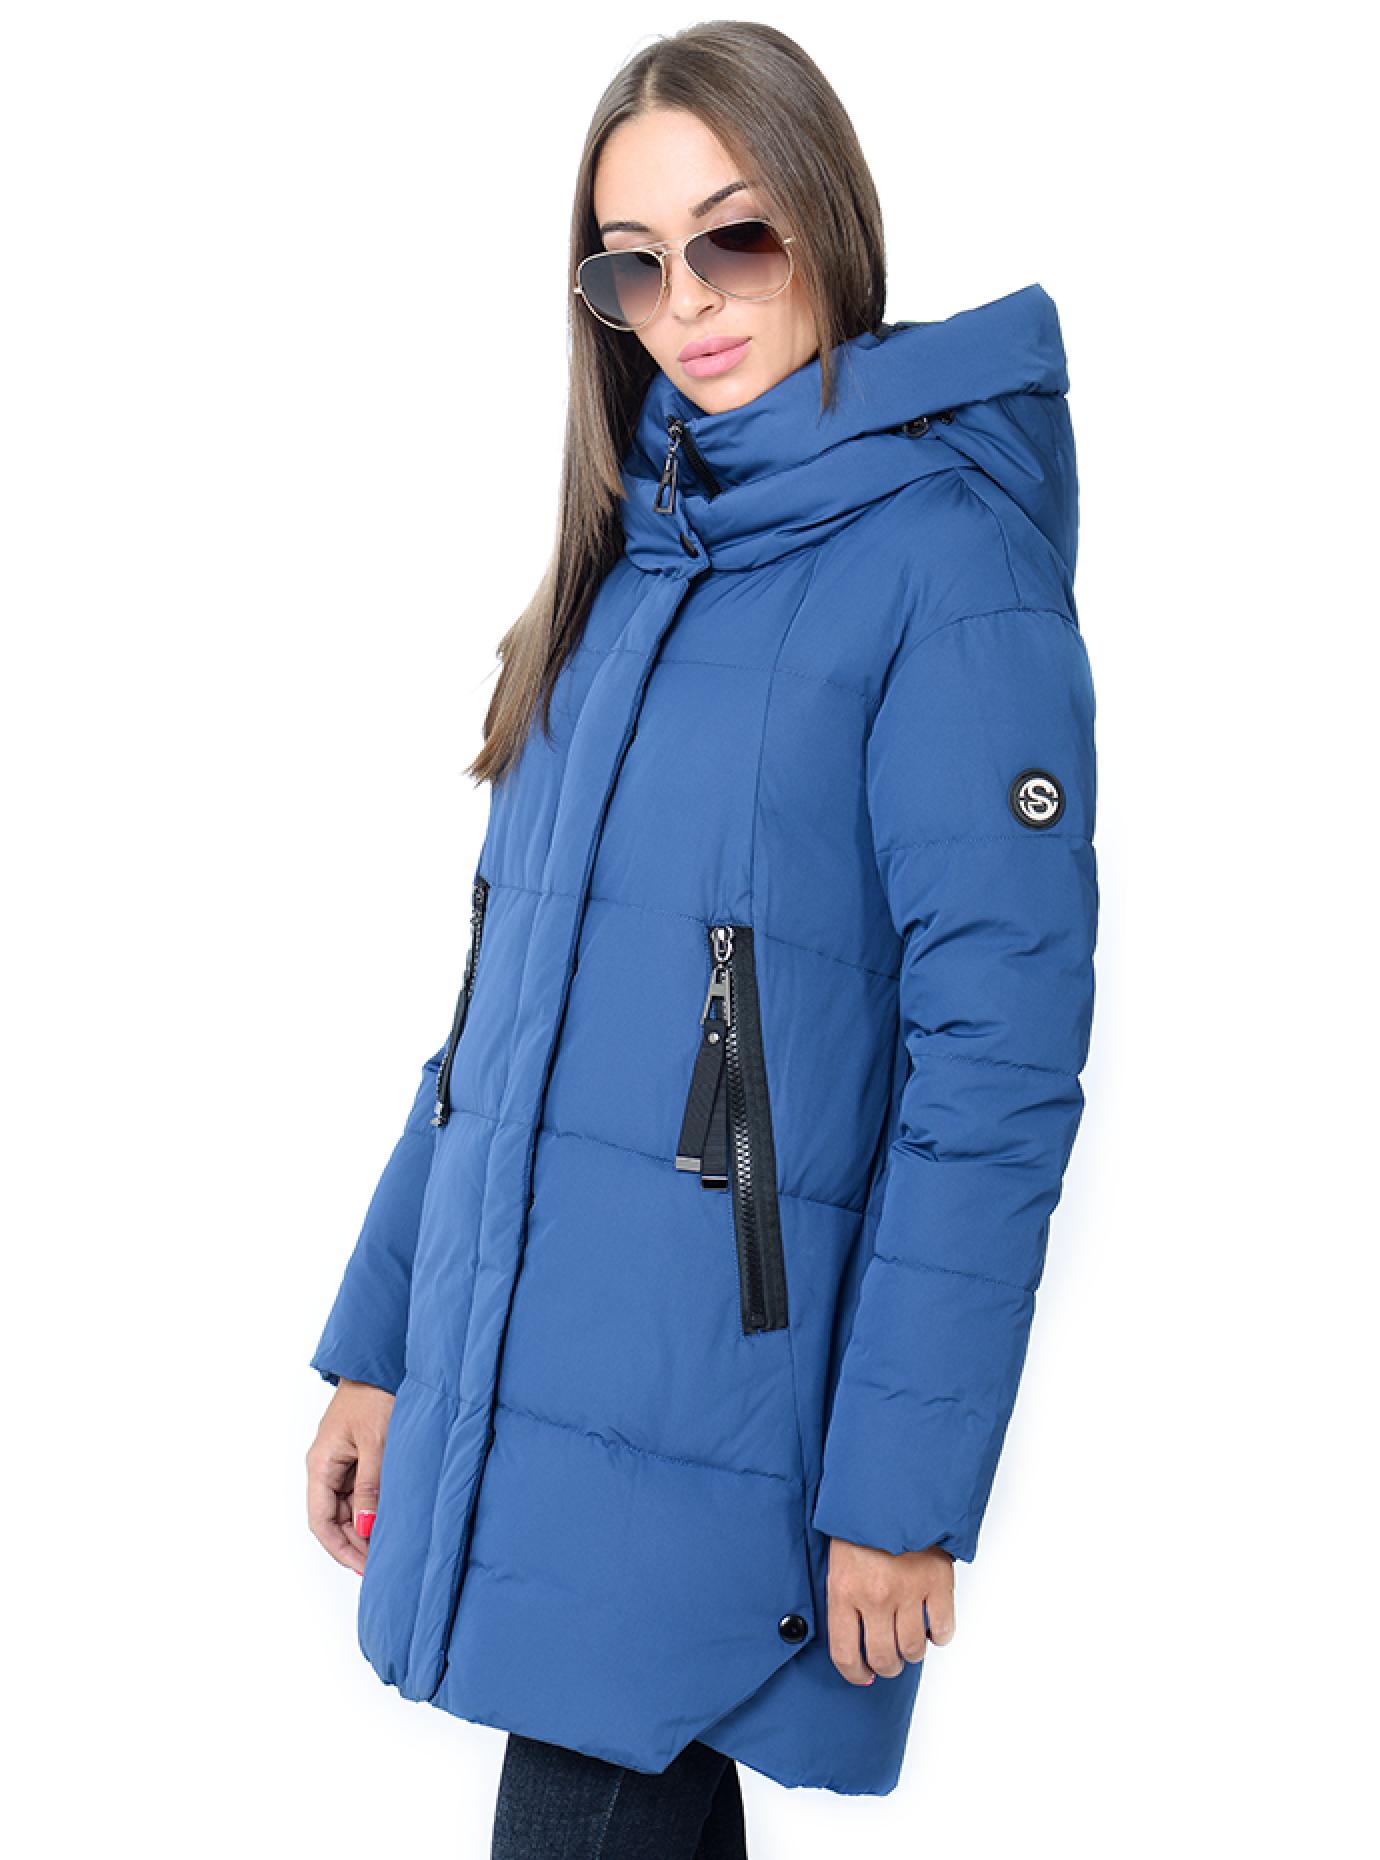 Куртка зимняя прямая с капюшоном Синий S (02-SO19033): фото - Alster.ua